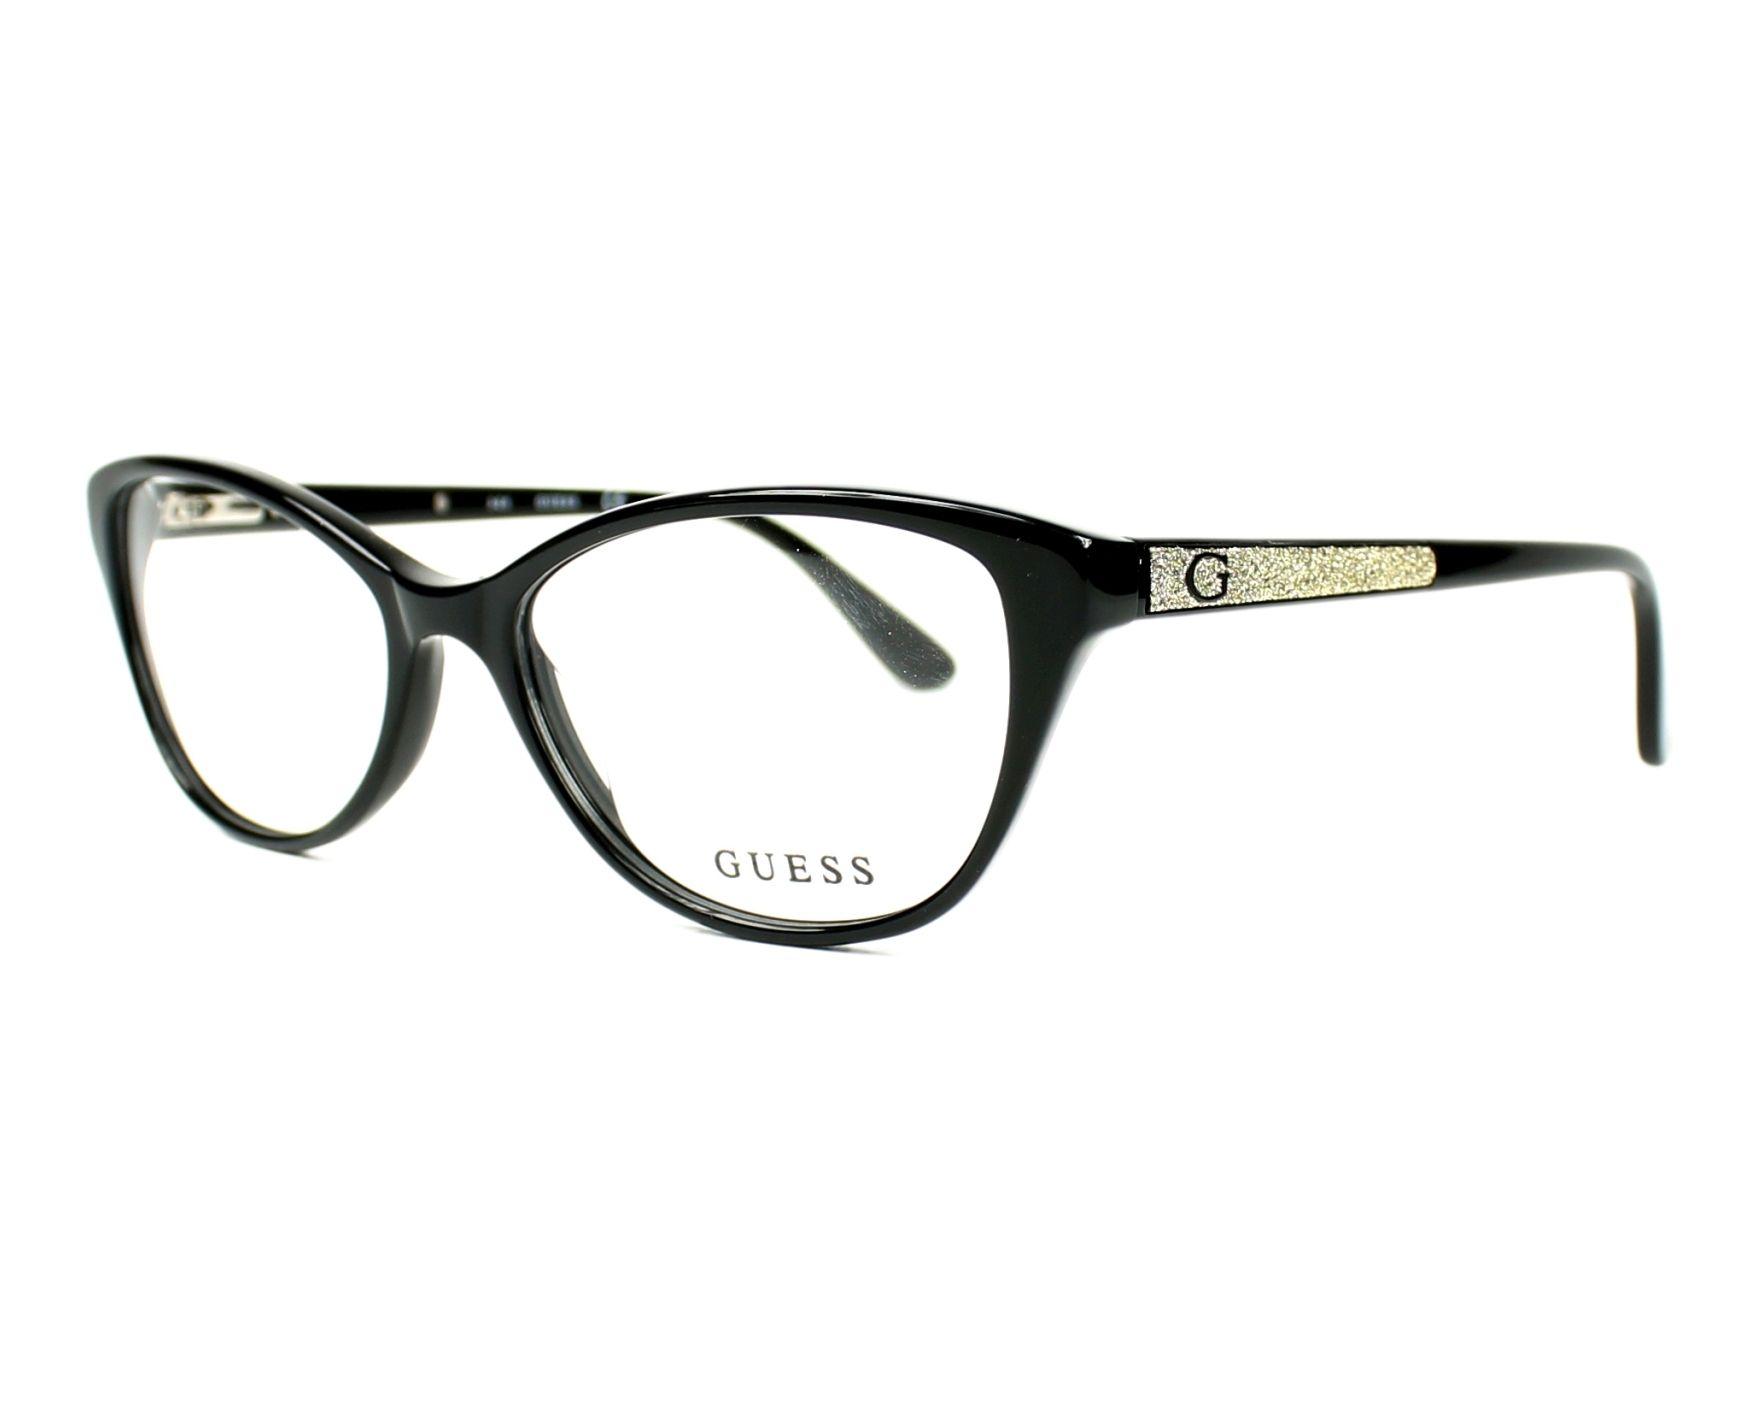 18bc46e1a4 eyeglasses Guess GU-2634 005 52-16 Black Gold profile view